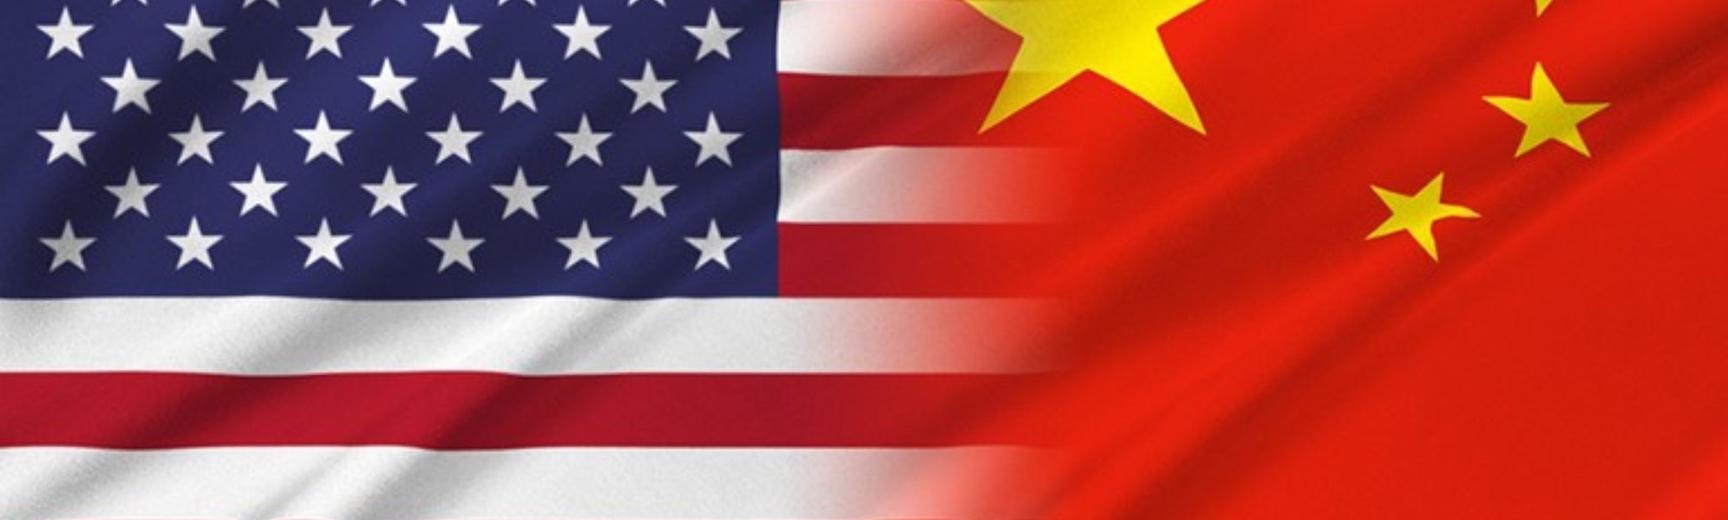 us china flag 2000x1125